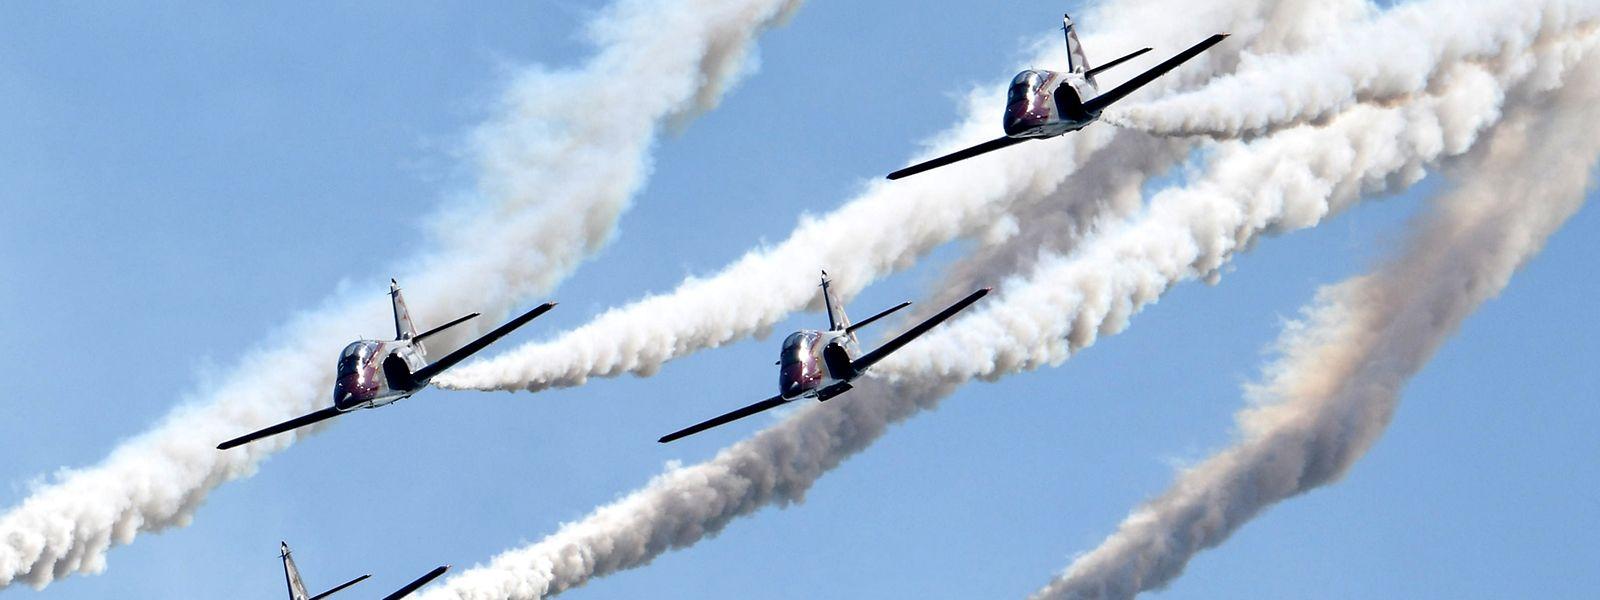 Jets der spanischen Patrulla Aguila fliegen auf der Internationalen Luftfahrtaustellung ILA ein Element ihrer Flugshow.